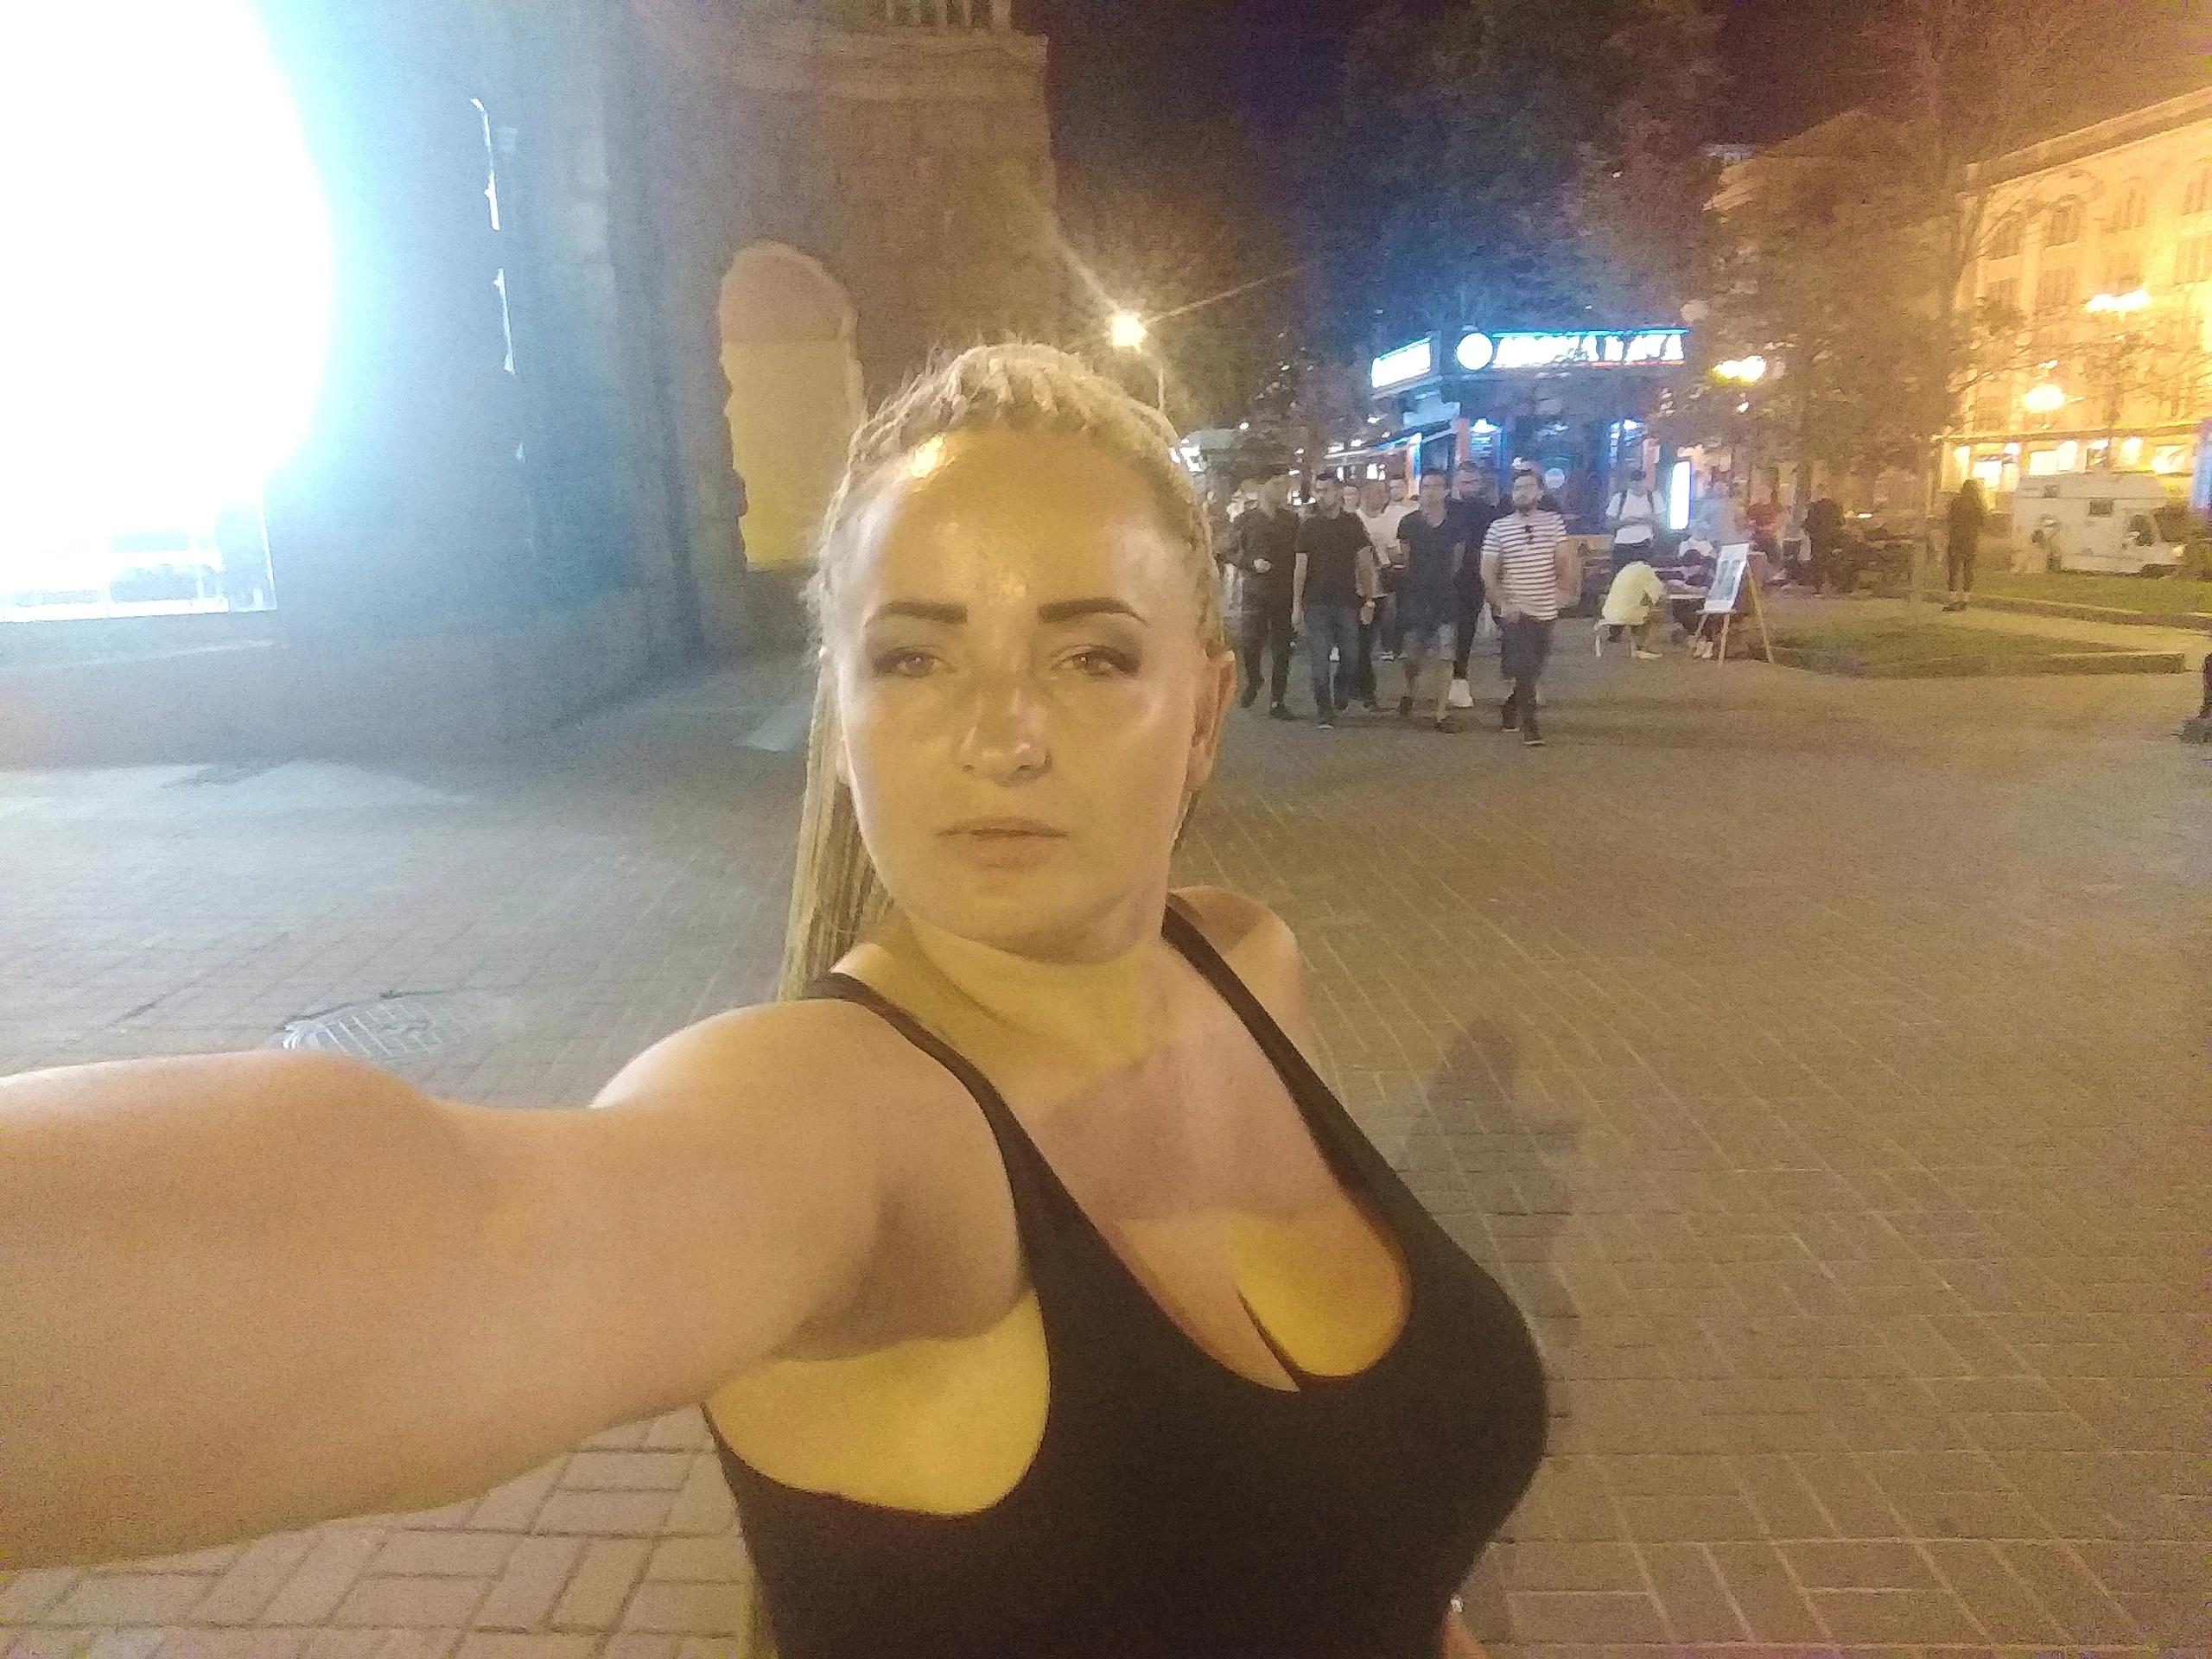 Елена Руденко (Валтея). Украина. Киев. Фото и описание.  - Страница 2 WMq9Aeg5-1Q